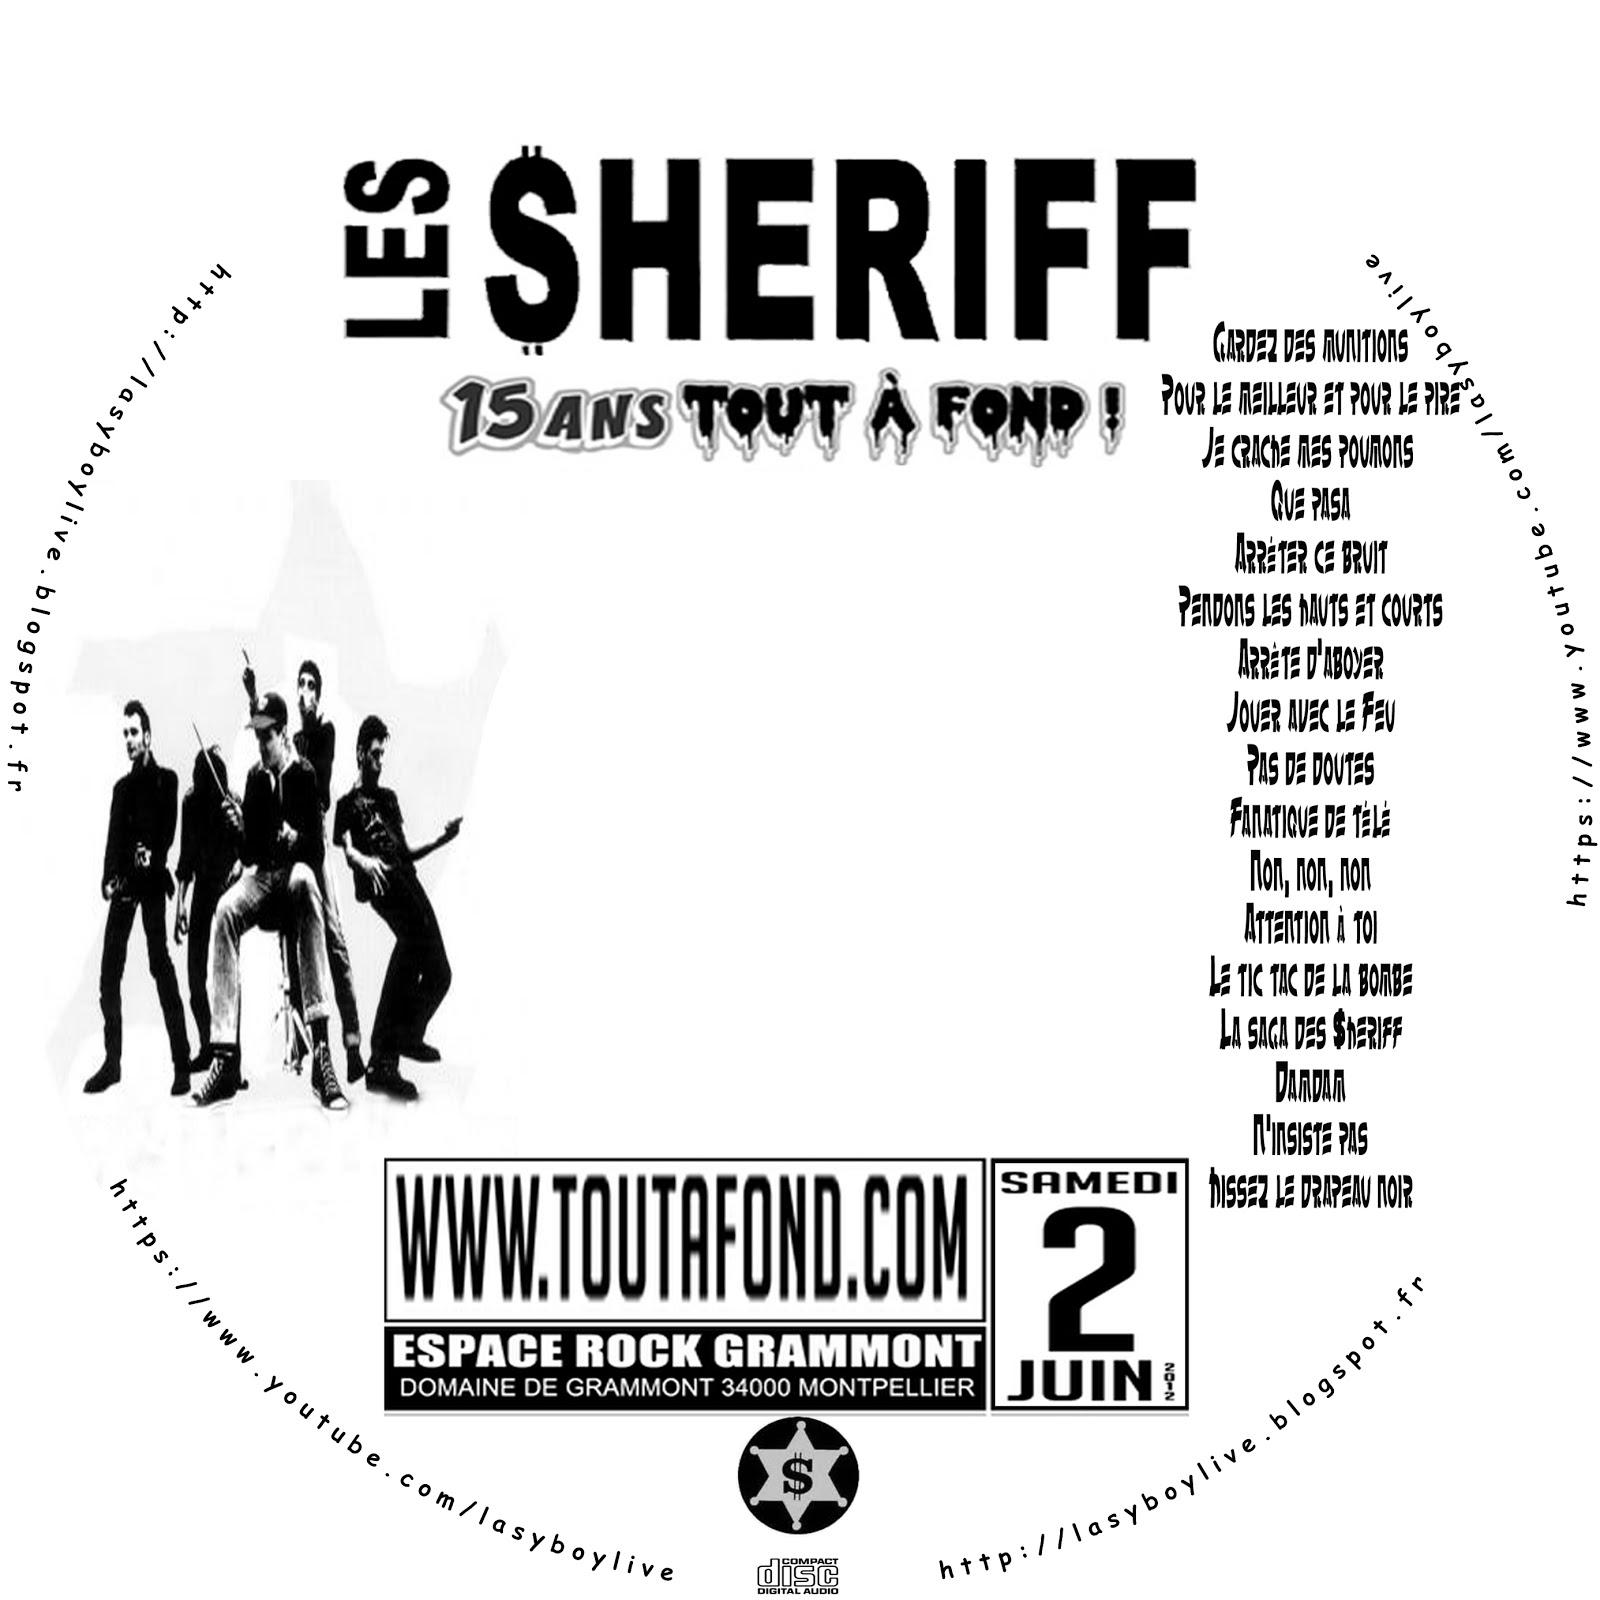 lasyboylive: Les Sheriff @ Parc de Grammont, Espace Rock